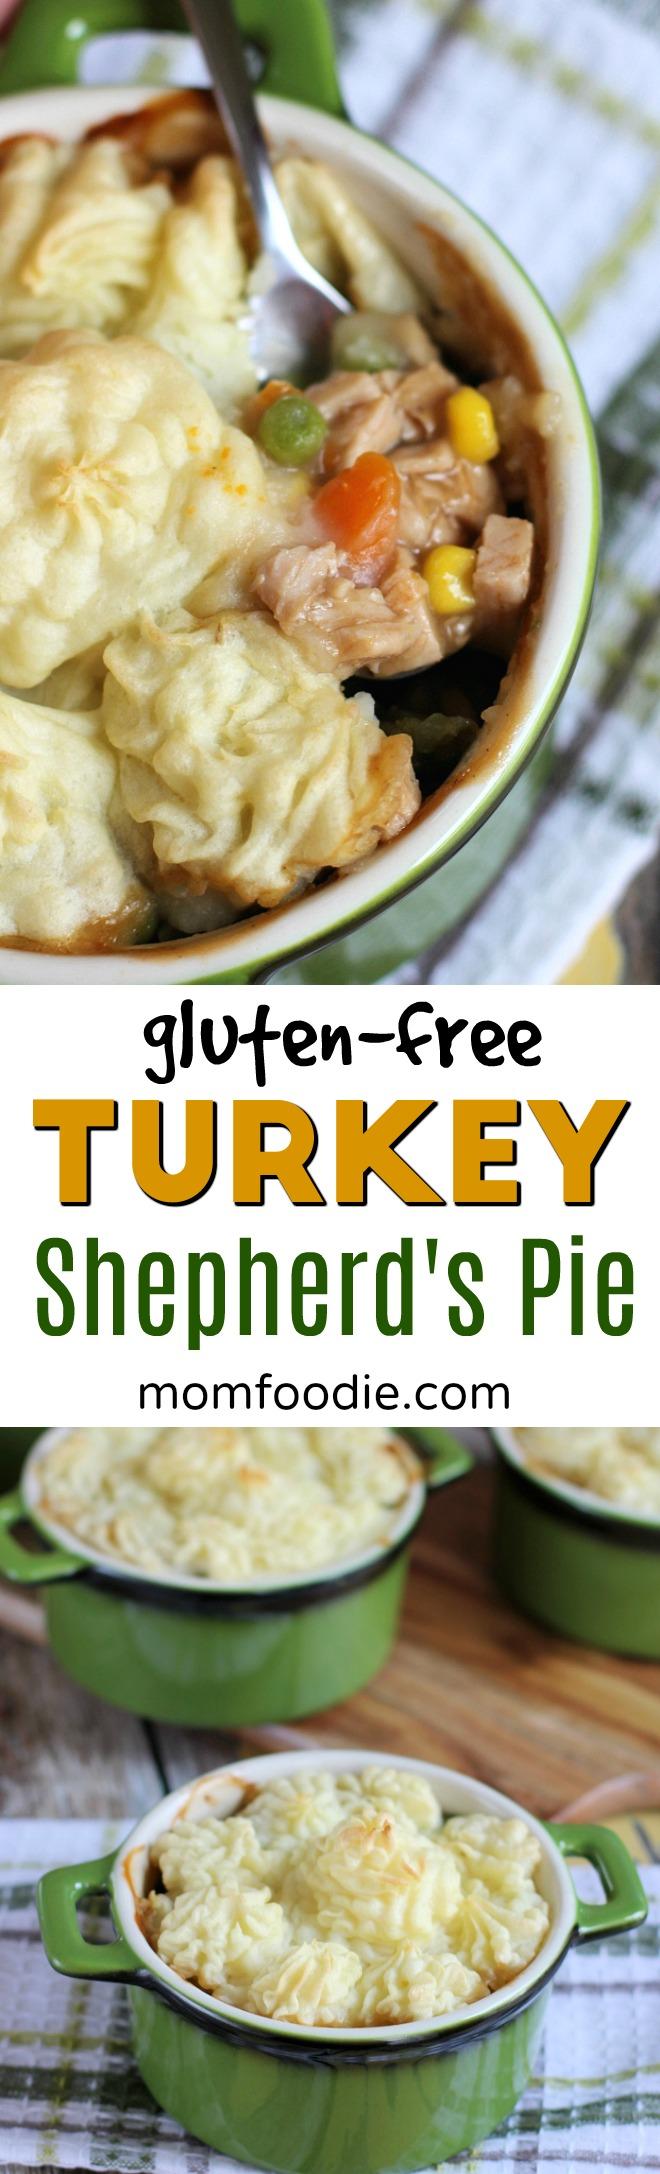 Turkey Shepherd's Pie - gluten free #thanksgiving #shepherdspie #turkey #comfortfood #casserole